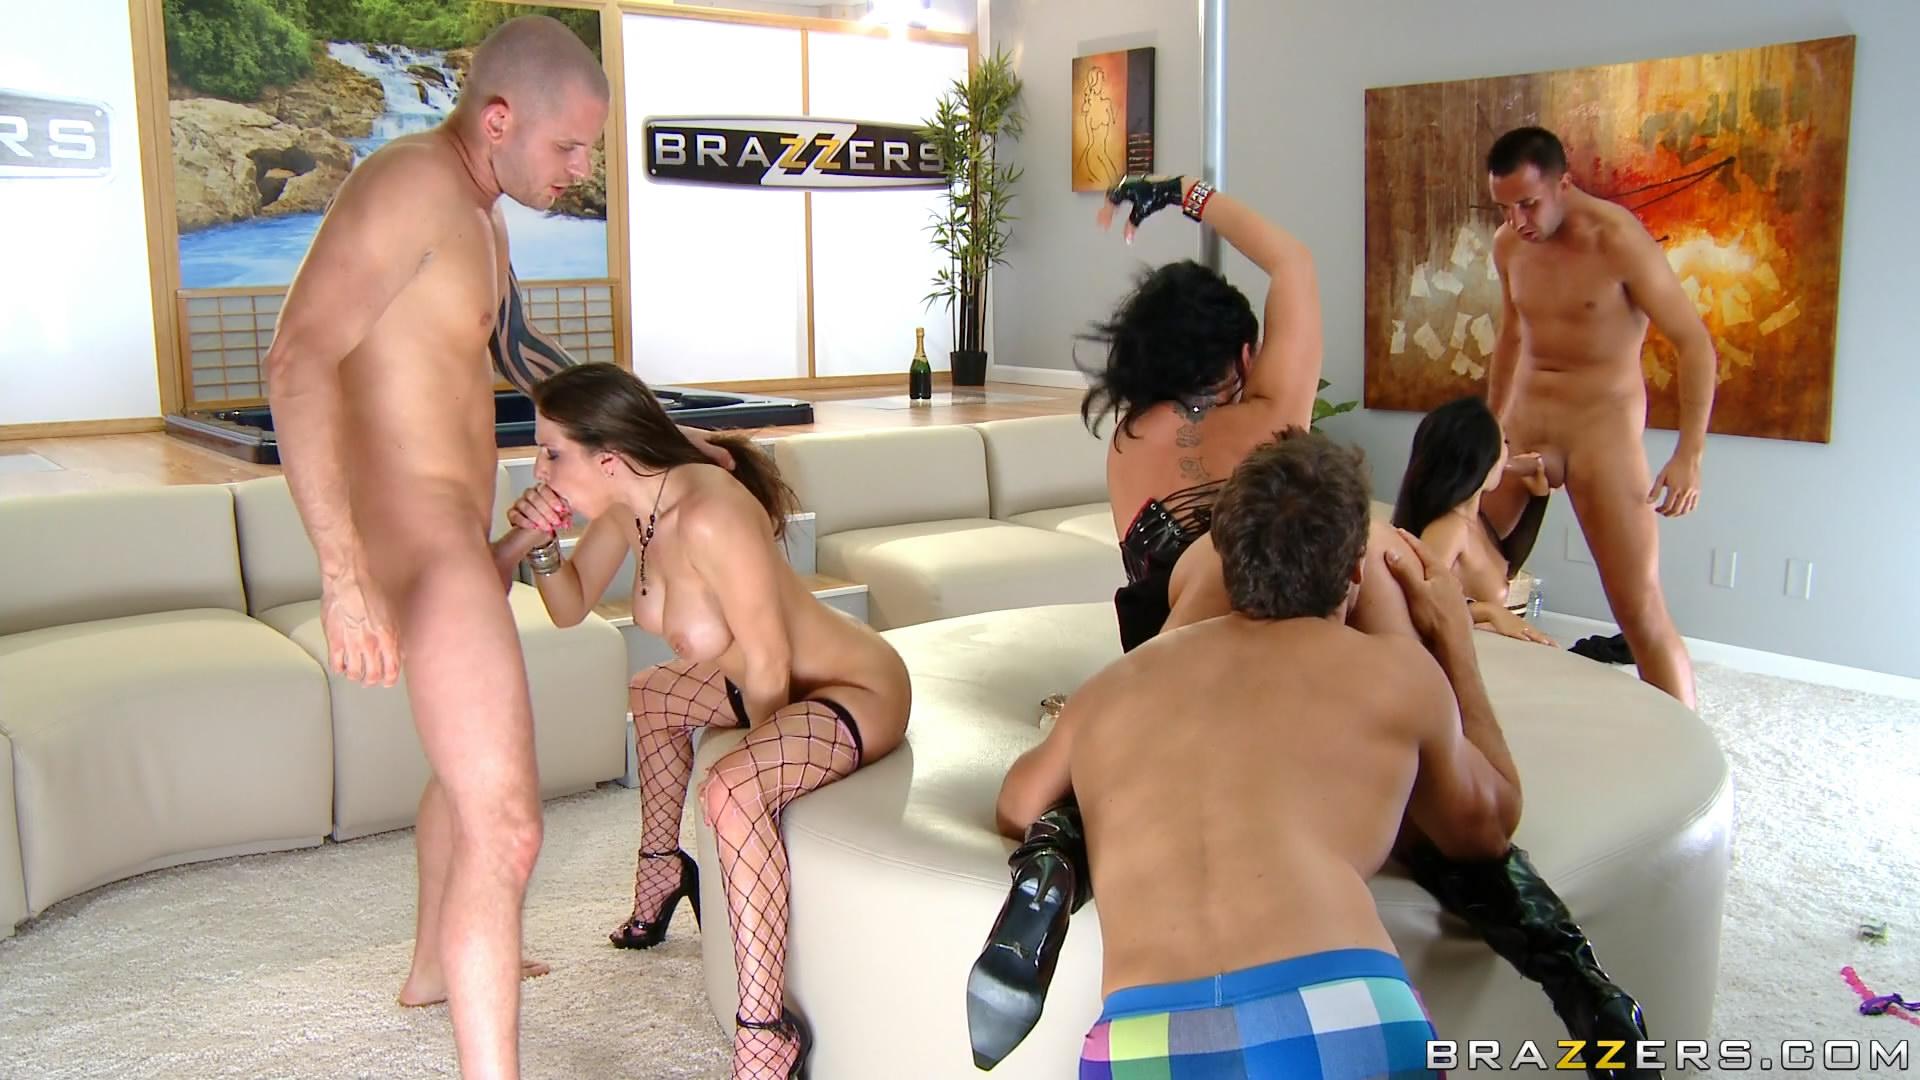 Смотреть порно по прямой трансляции 12 фотография